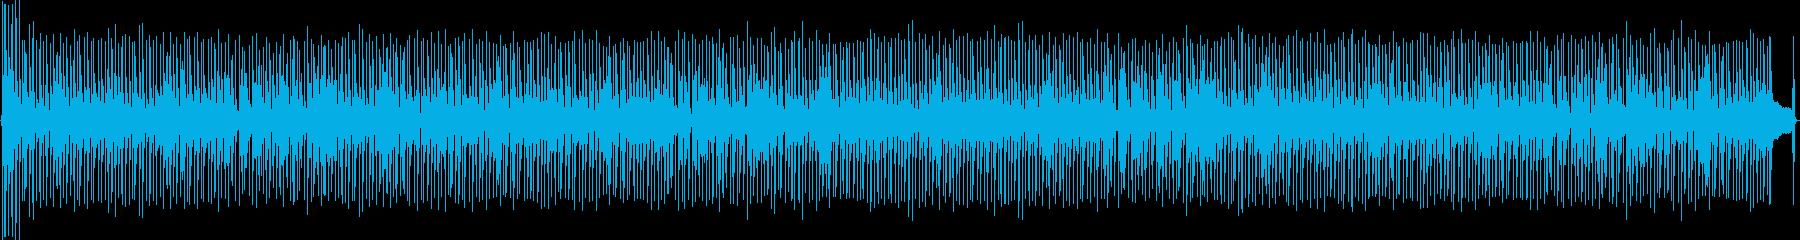 ドラムブラシ、アコースティックギタ...の再生済みの波形